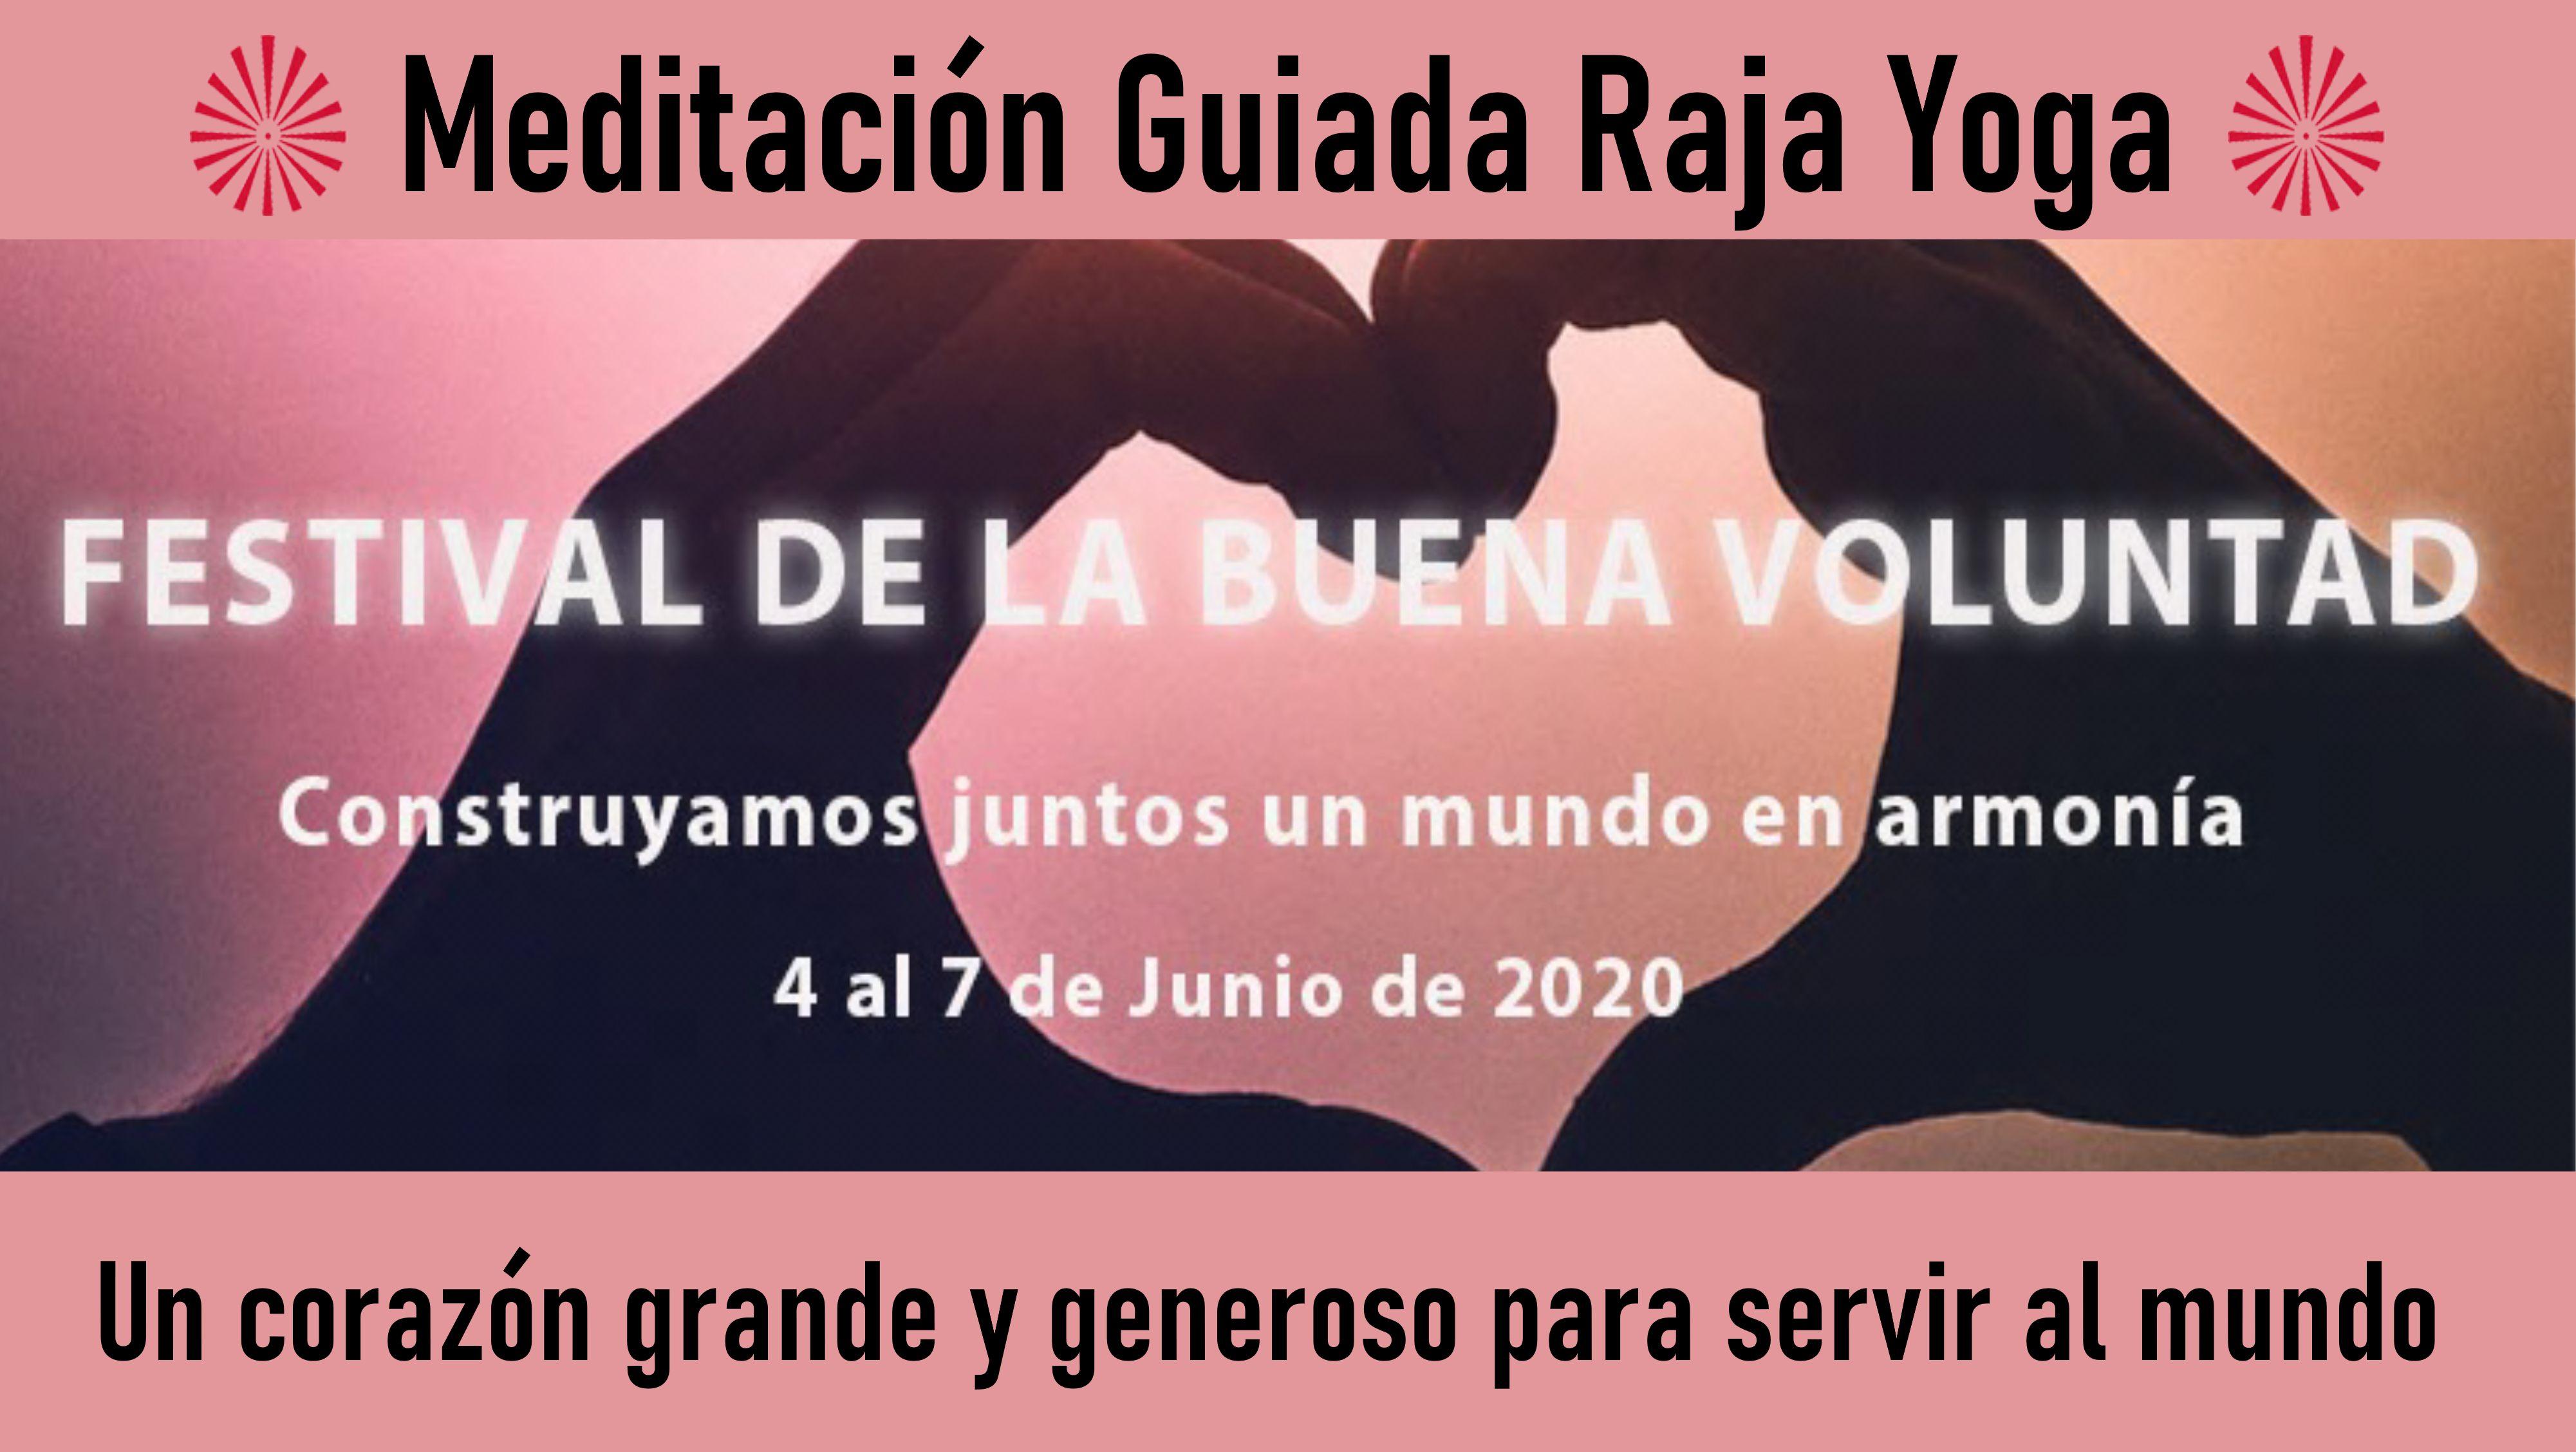 Meditación Raja Yoga: Un corazón grande y generoso para servir al mundo (6 Junio 2020) On-line desde Barcelona